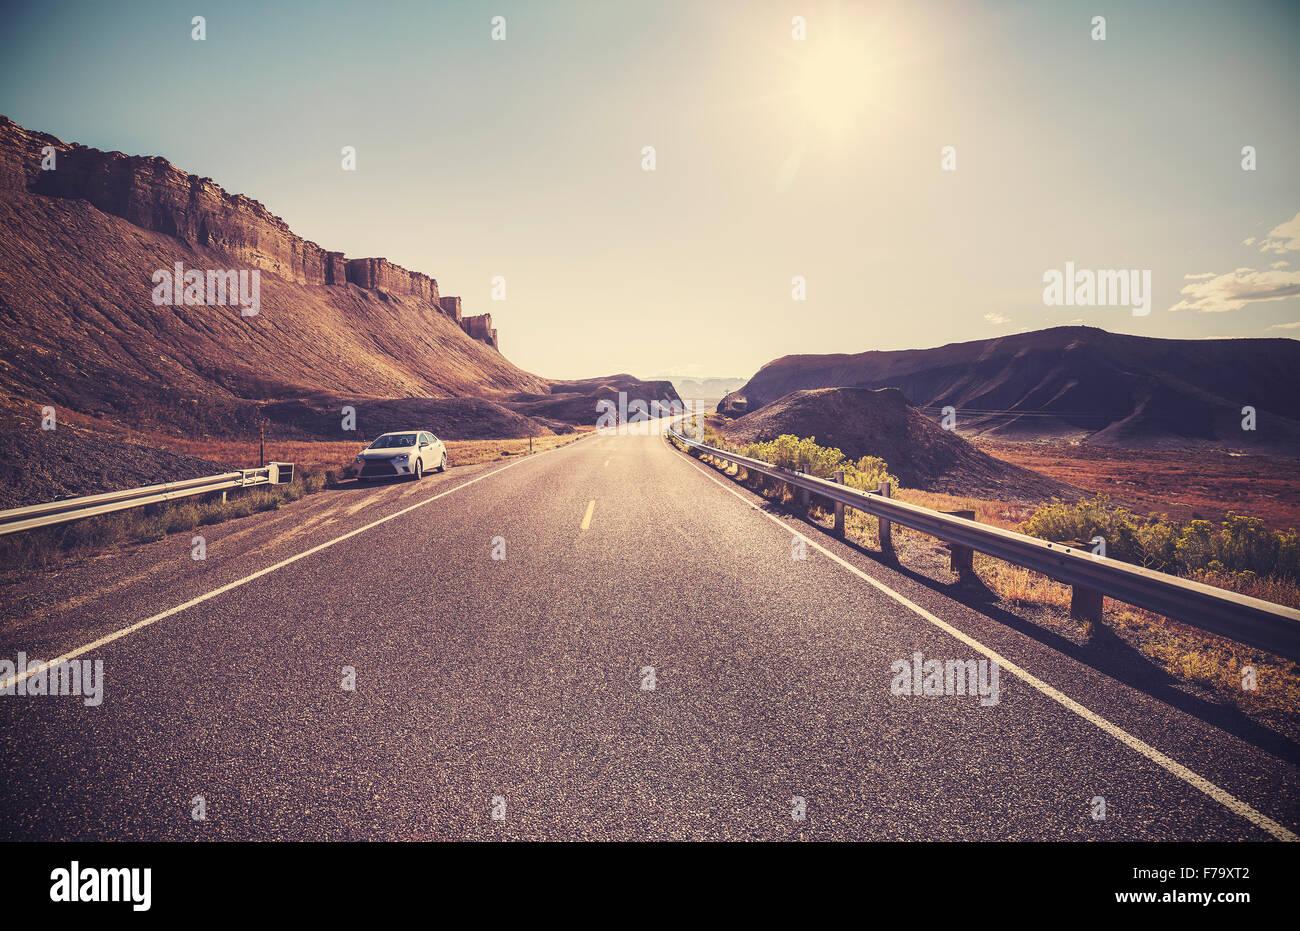 L'autoroute du désert aux couleurs rétro contre le soleil, travel concept. Photo Stock